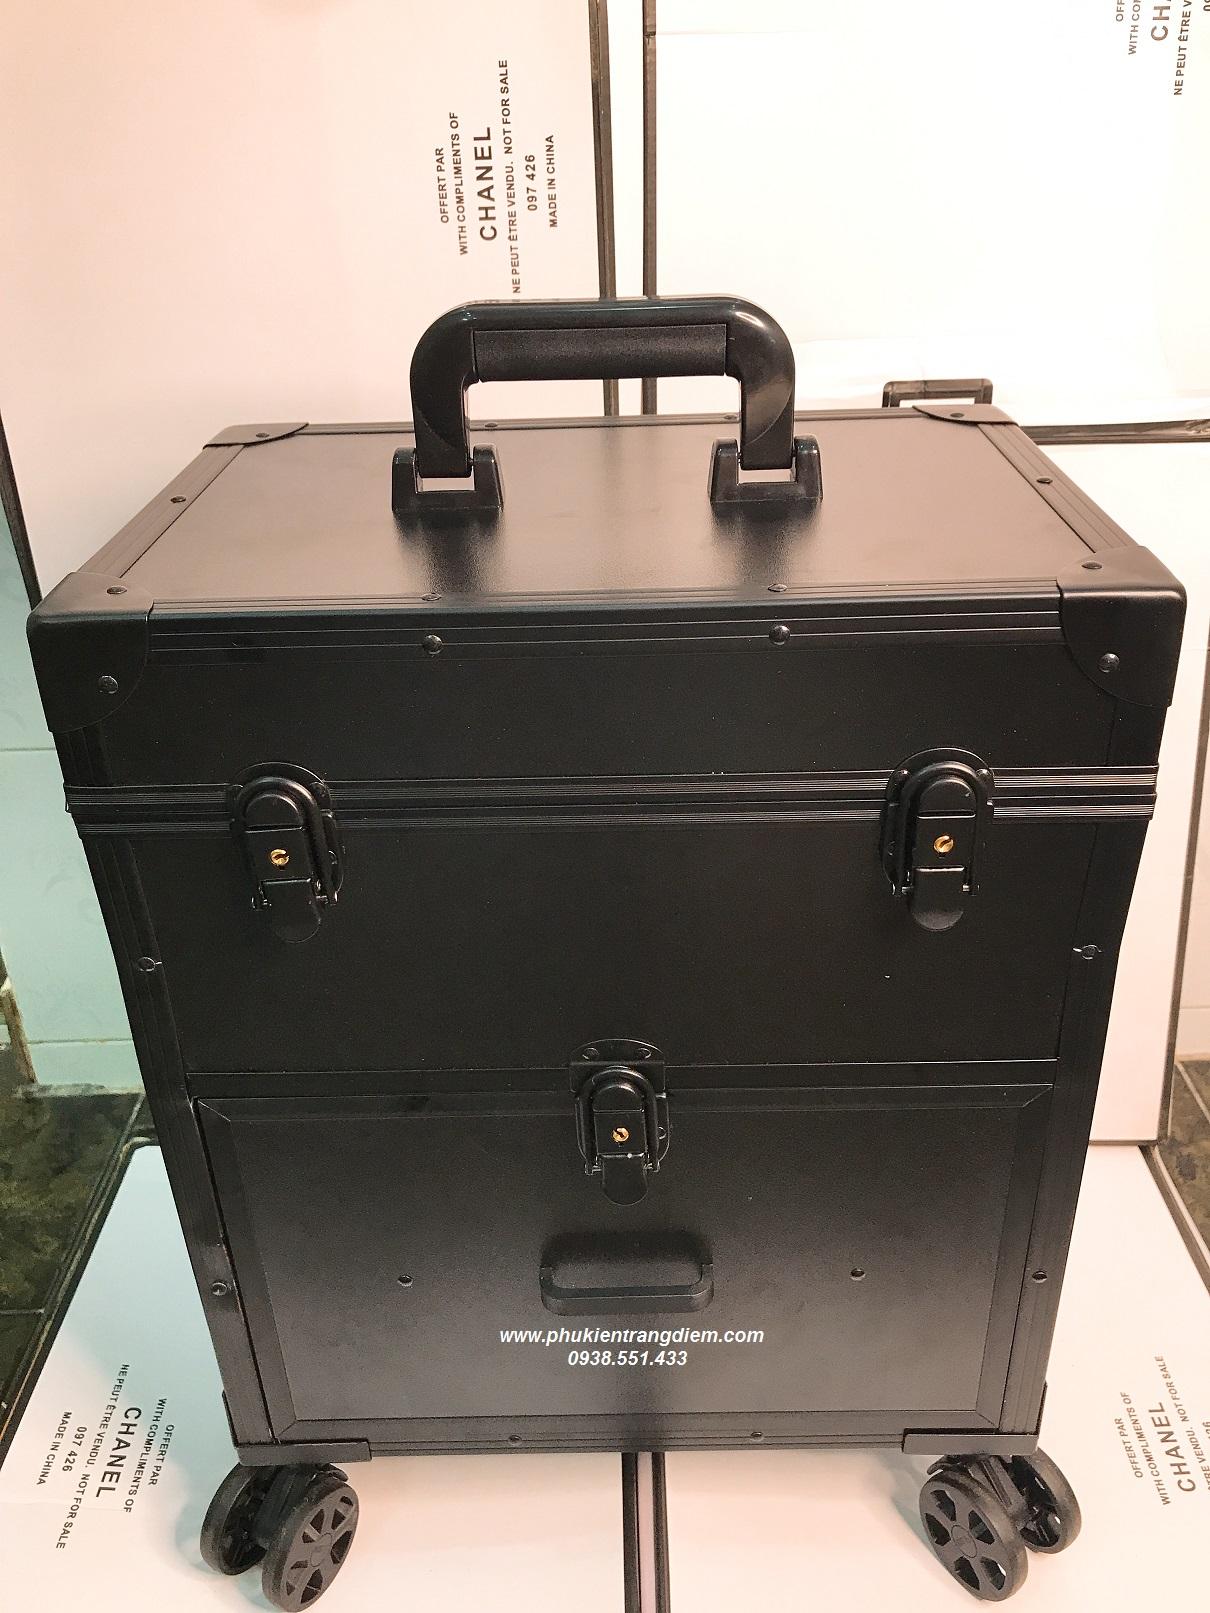 bán cốp vali kéo đựng dụng cụ phun xăm nối mi làm nail chuyên nghiệp